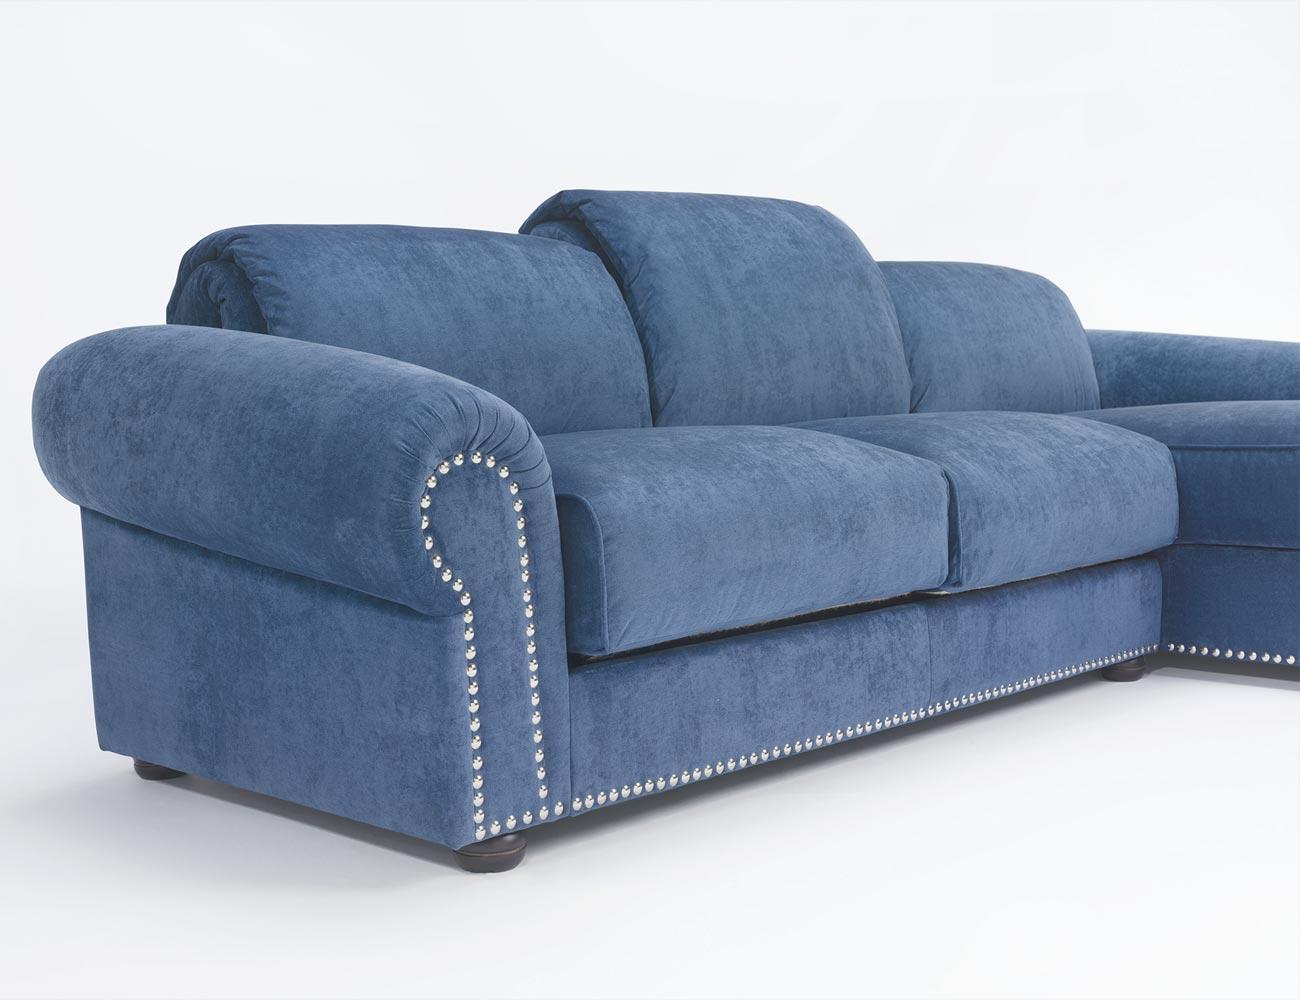 Sofa chaiselongue gran lujo decorativo azul 14